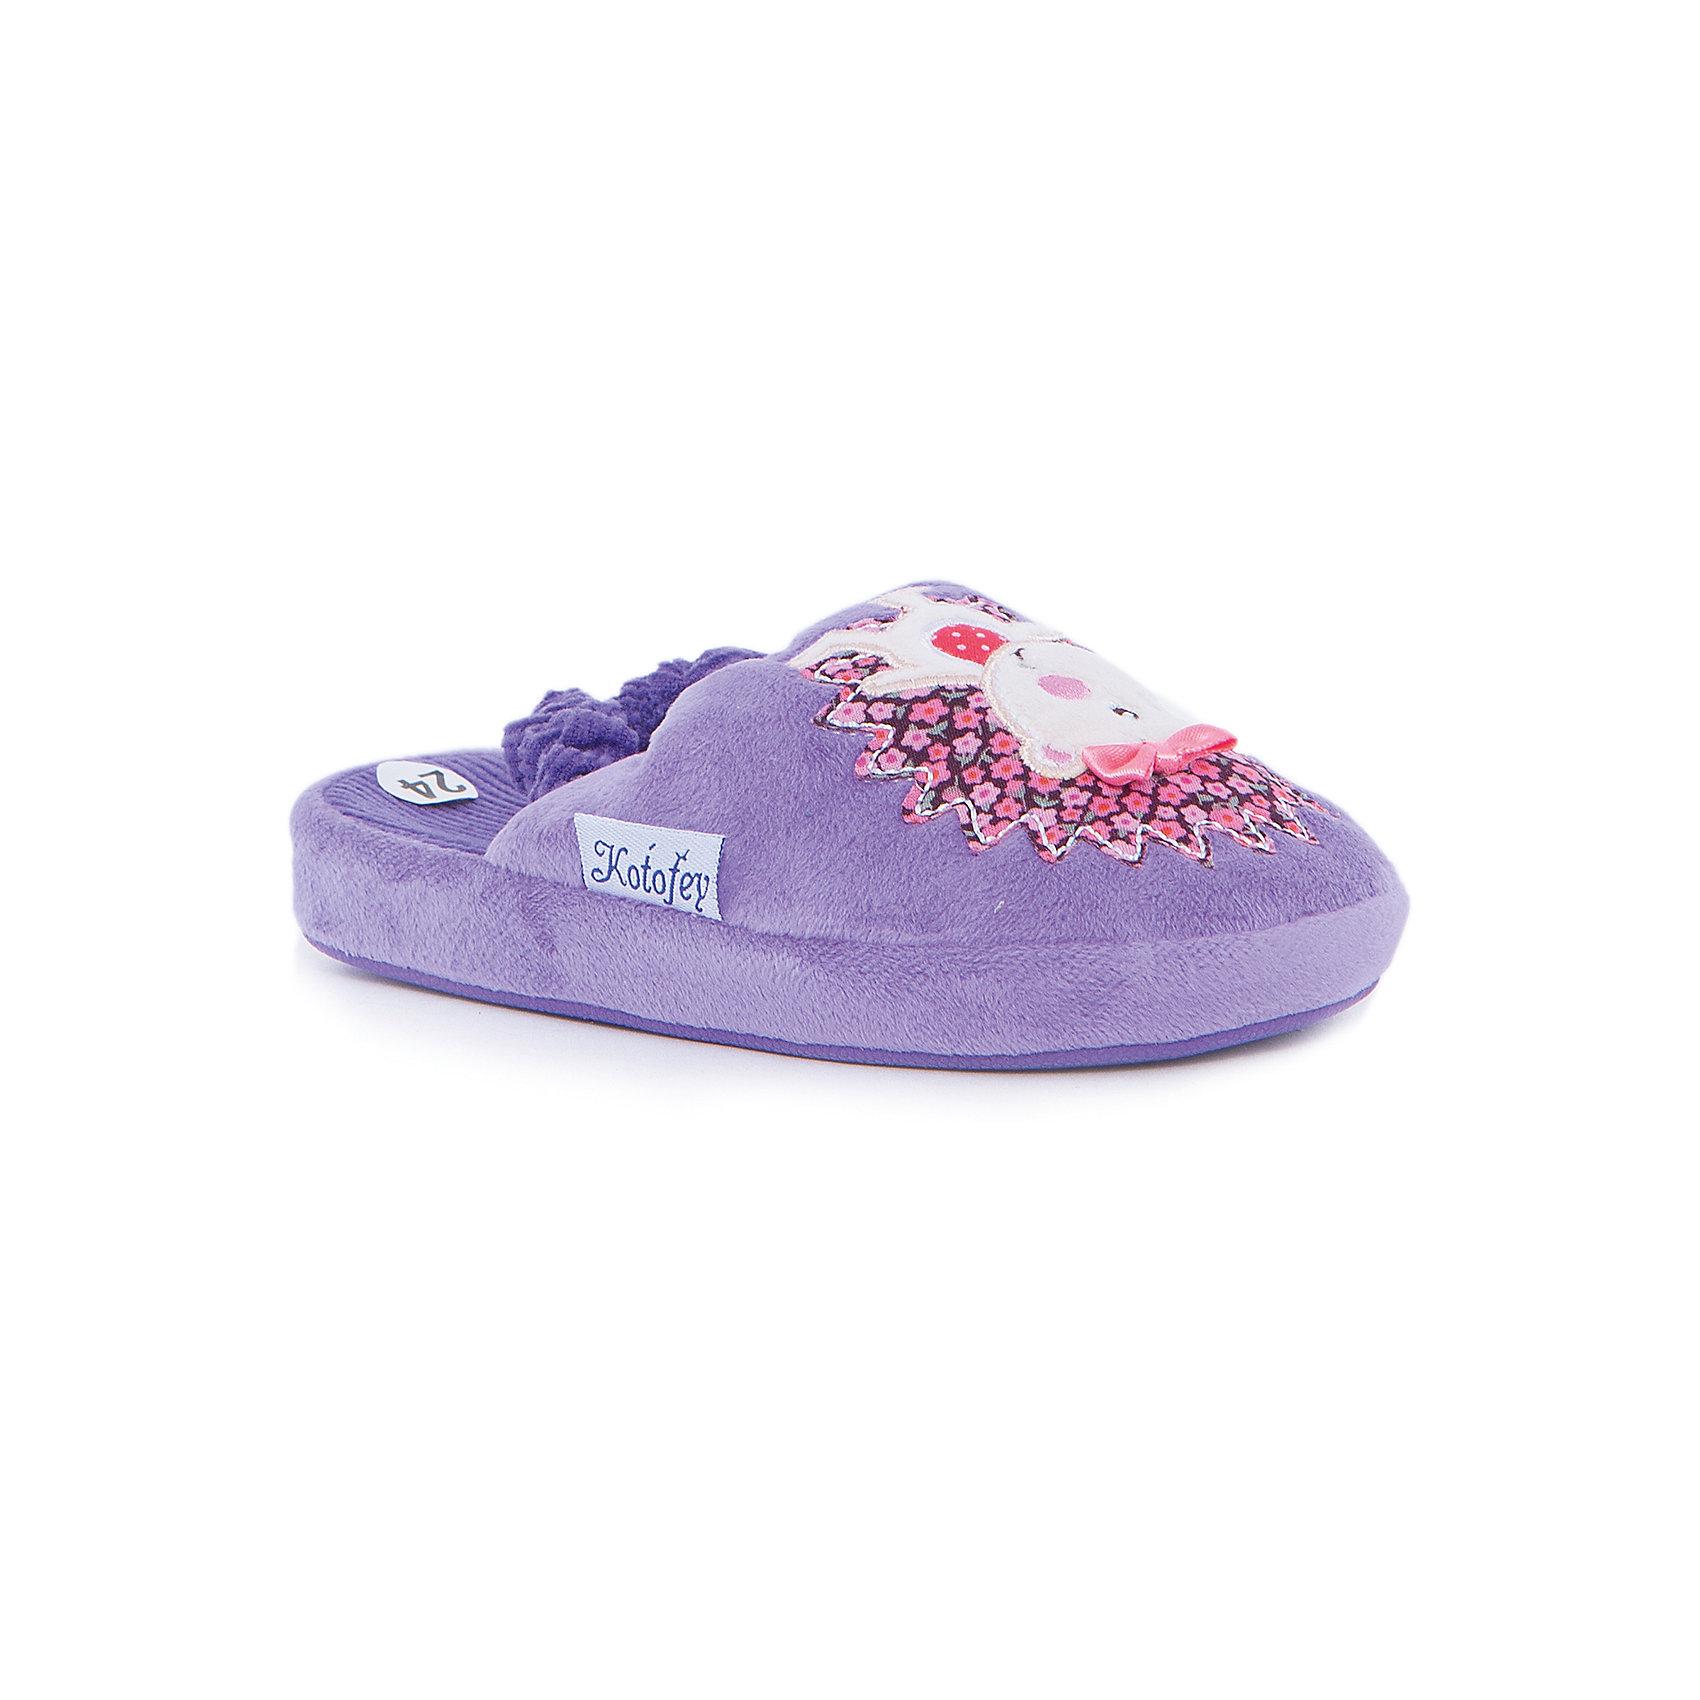 Тапки для девочки КотофейКотофей – качественная и стильная детская обувь по доступным ценам. С каждым днем популярность бренда растет.  Обувь – отражение человека. Домашней обуви необходимо уделять такое же внимание, как и уличной. Милые тапочки с популярным героем станут любимым предметом гардероба маленькой модницы. Такая домашняя обувь одновременно и согреет и будет стильным аксессуаром к любимой пижамке подходящего цвета.<br><br>Дополнительная информация:<br><br>цвет: цветной;<br>крепление: клеевое.<br><br>Состав:<br>верх – утепленный текстиль;<br>материал подклада – текстиль;<br>подошва – ТЭП.<br><br>Цветные тапочки для девочек дошкольного возраста из текстиля от фирмы Котофей можно приобрести в нашем магазине.<br><br>Ширина мм: 219<br>Глубина мм: 158<br>Высота мм: 118<br>Вес г: 274<br>Цвет: фиолетовый<br>Возраст от месяцев: 60<br>Возраст до месяцев: 72<br>Пол: Женский<br>Возраст: Детский<br>Размер: 29,26,24,27,25,28<br>SKU: 4982025